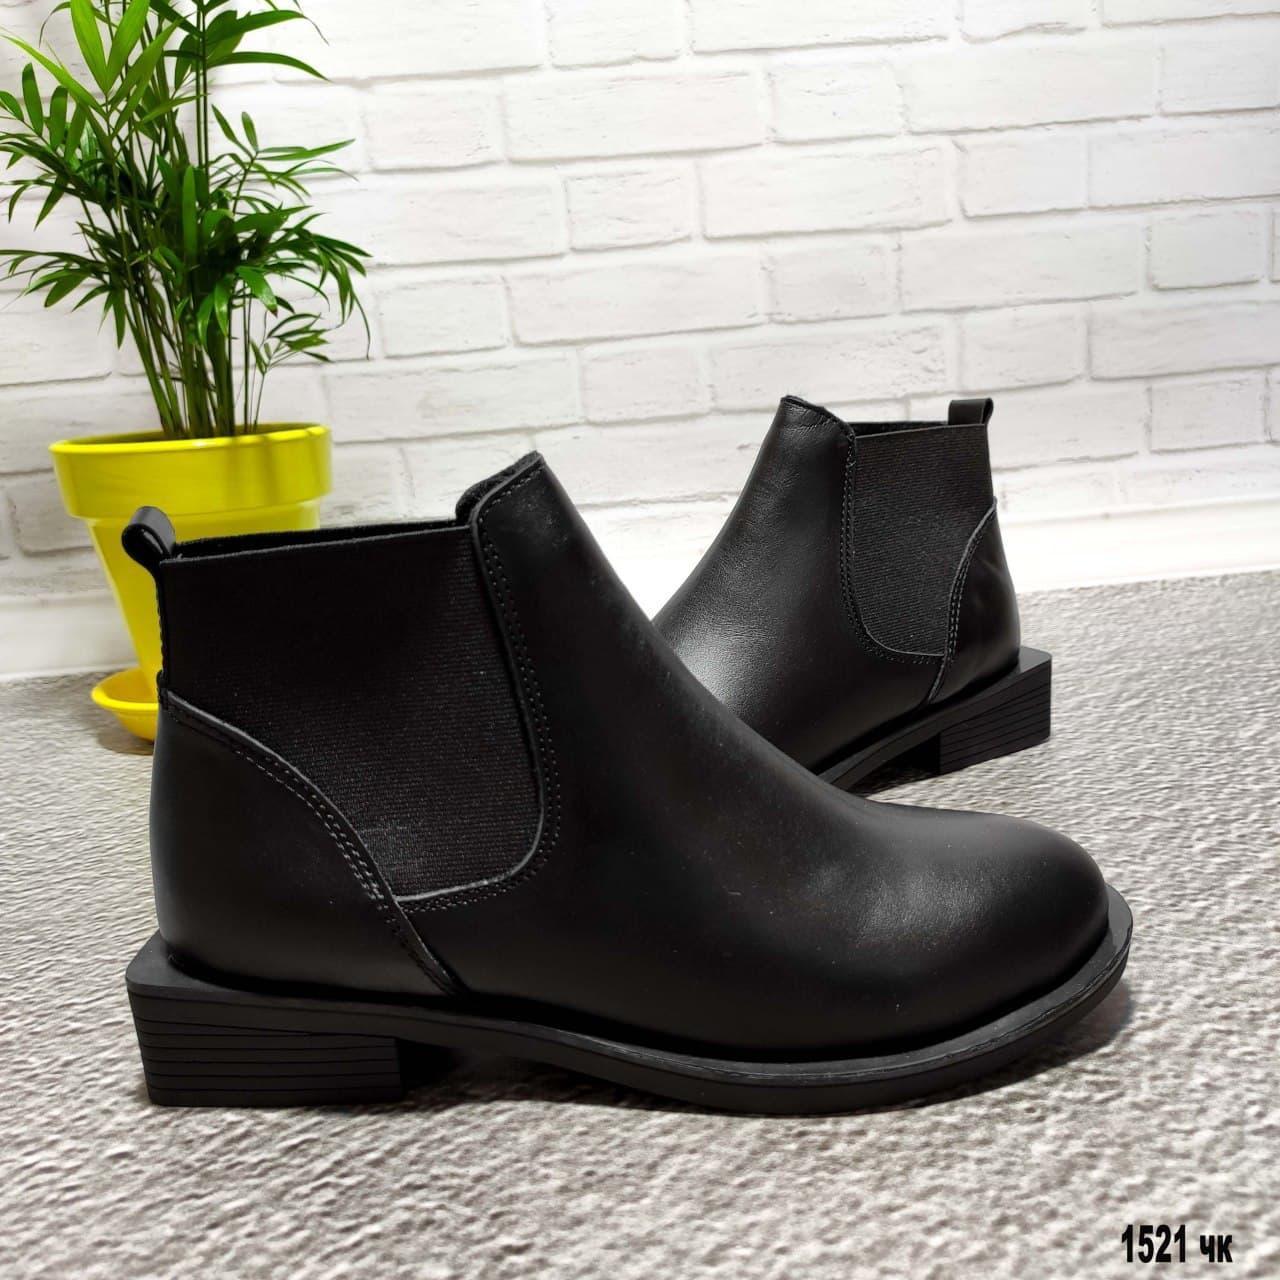 39 р. Ботинки женские деми черные кожаные на низком ходу низкий ход демисезонные из натуральной кожи кожа